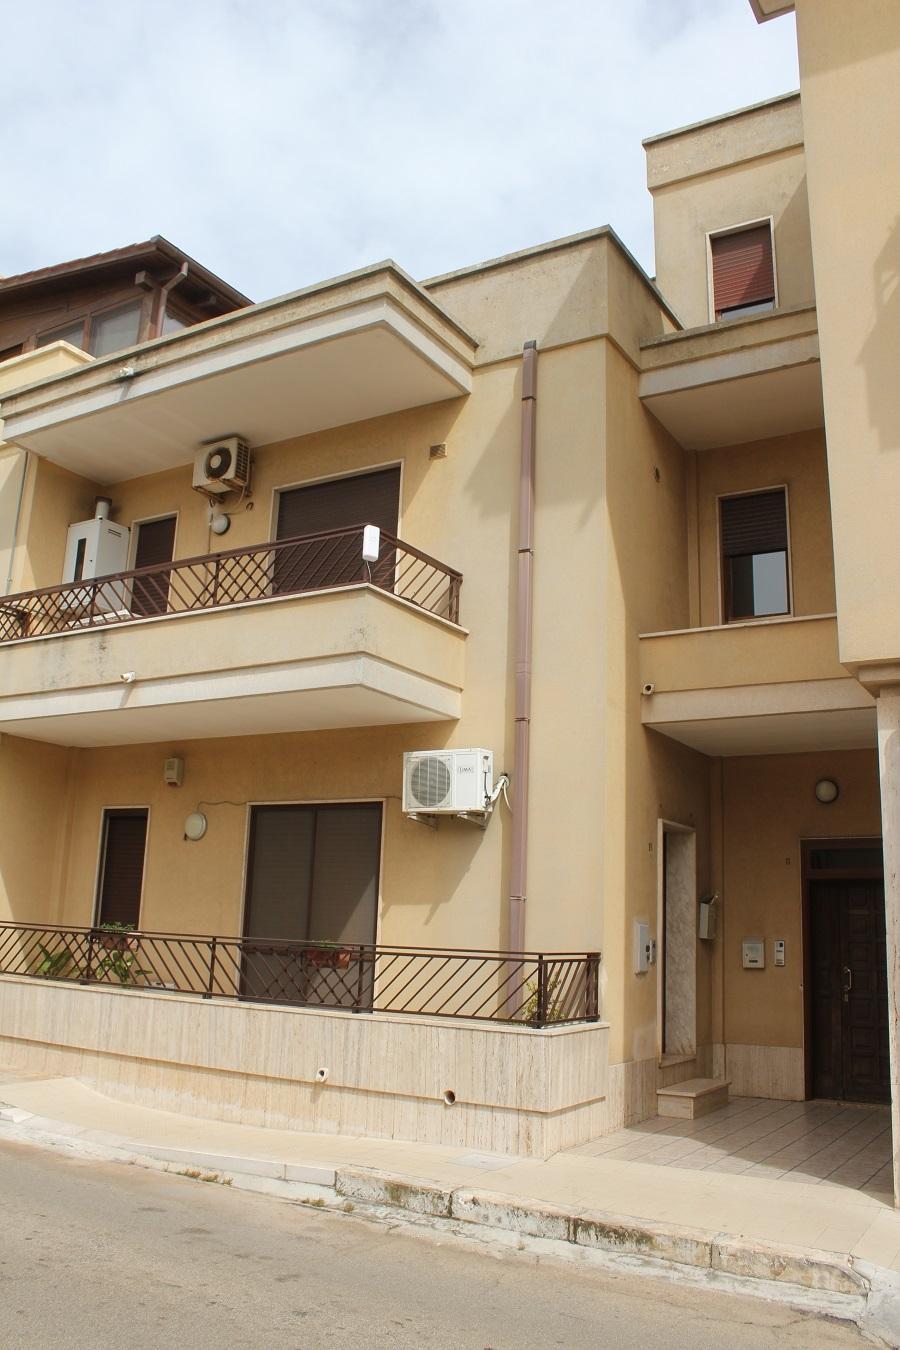 Appartamento in vendita a Carovigno, 9999 locali, prezzo € 120.000 | Cambio Casa.it